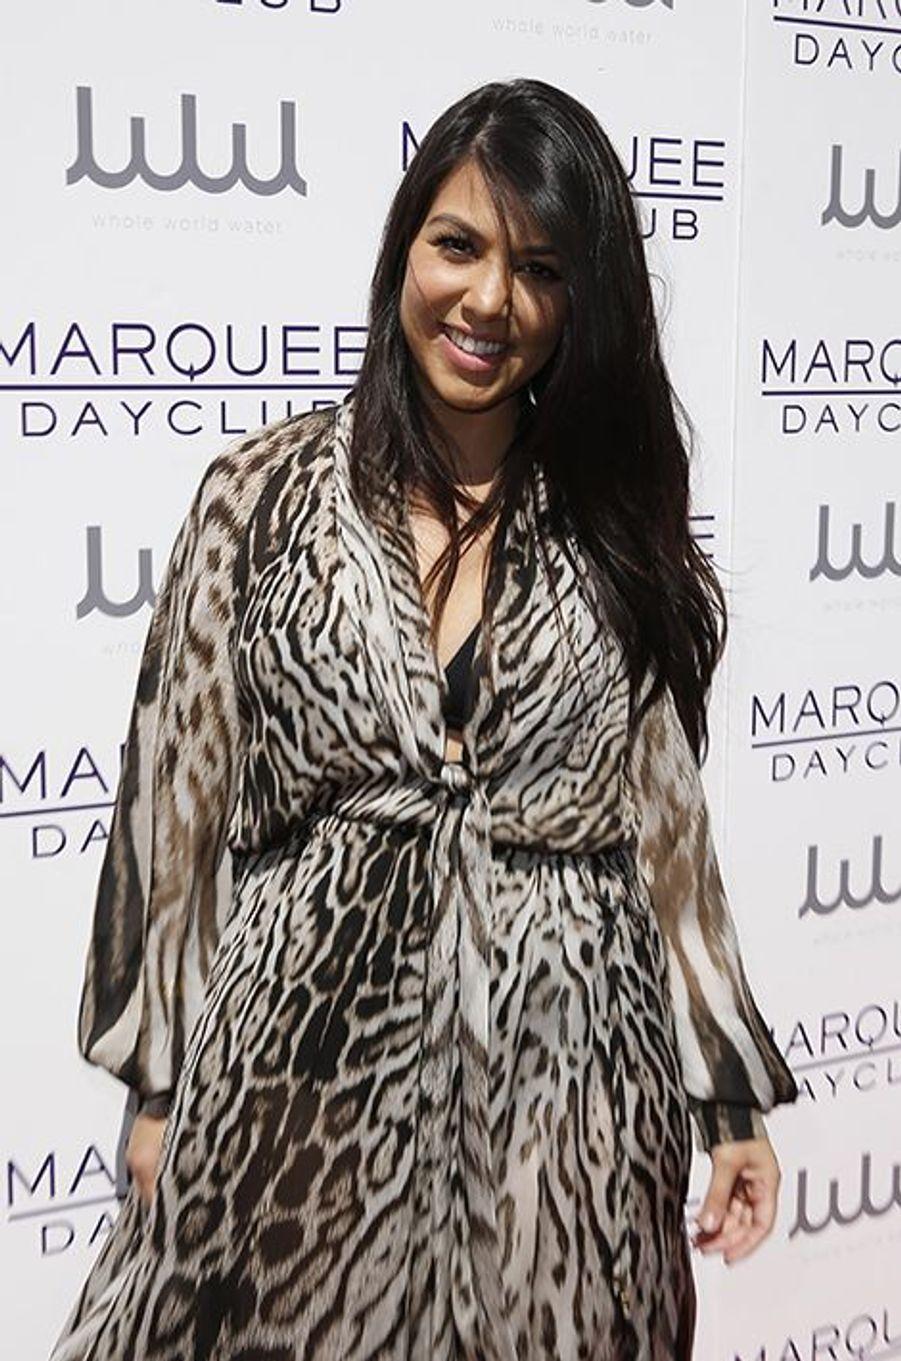 """La sœur aînée de Kim Kardashian avait révélé en 2010 avoir subi une augmentation mammaire. «C'est marrant, car les journalistes se sont amusés à faire un avant/après de ma poitrine. Sauf que la photo du """"avant"""" a été prise après mon opération», lâchait-elle à ABC News."""